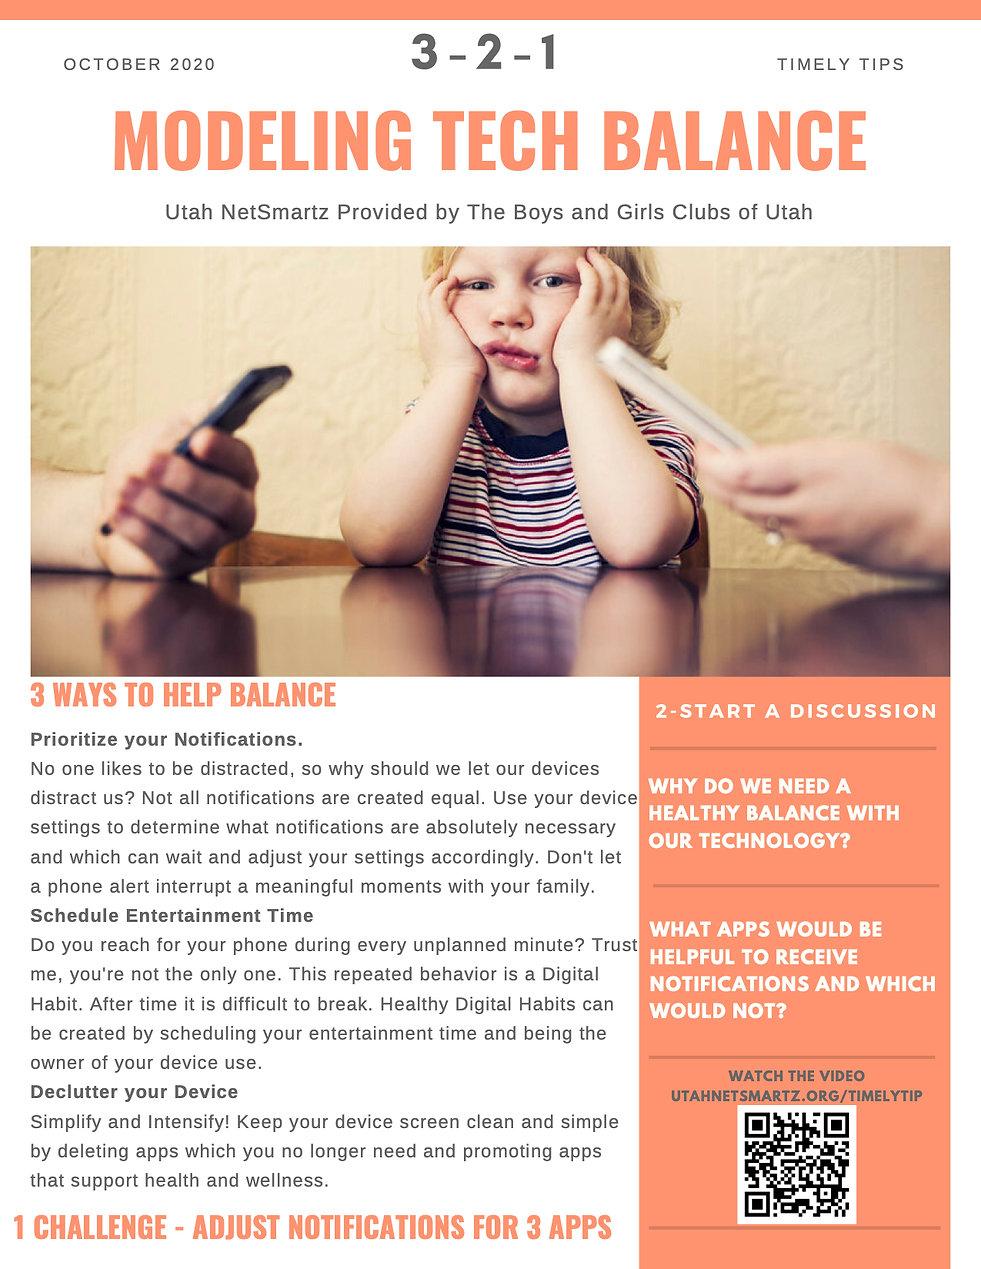 3-2-1 Handout - Model Tech Balance.jpg